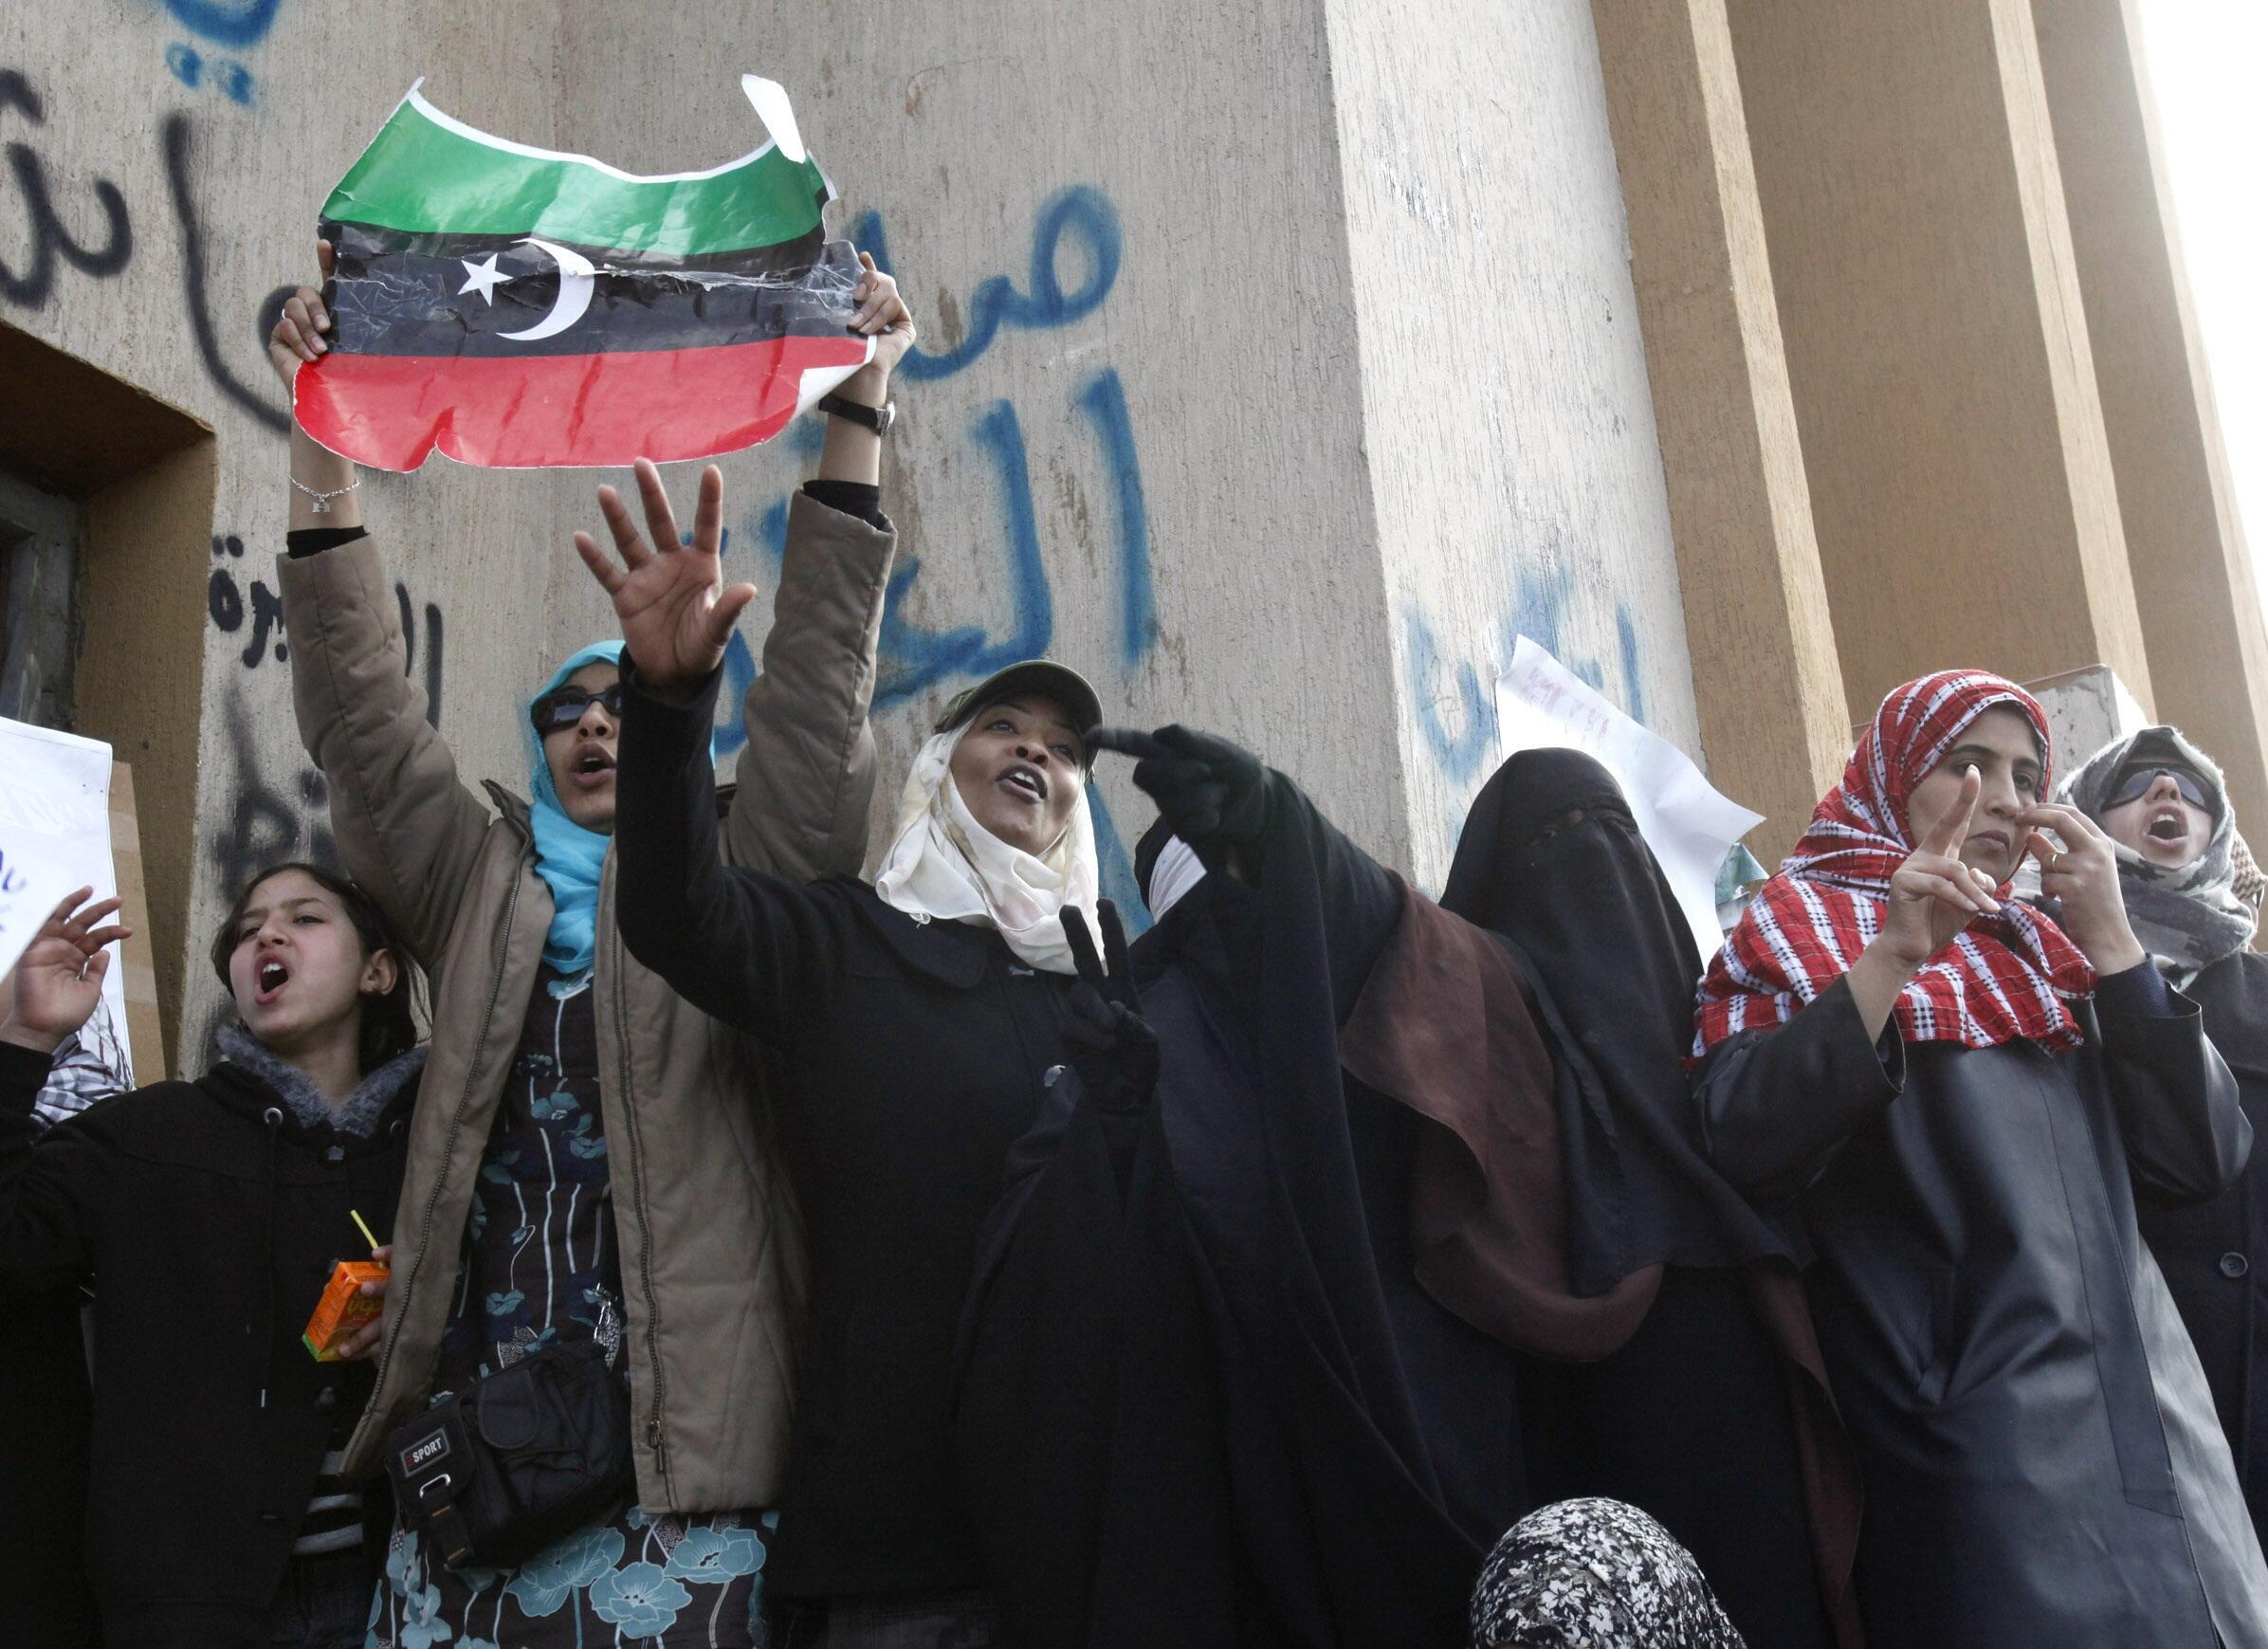 Manifestantes celebram a vitória contra o regime em Benghazi, no leste da Líbia a  23 de Fevereiro de  2011.